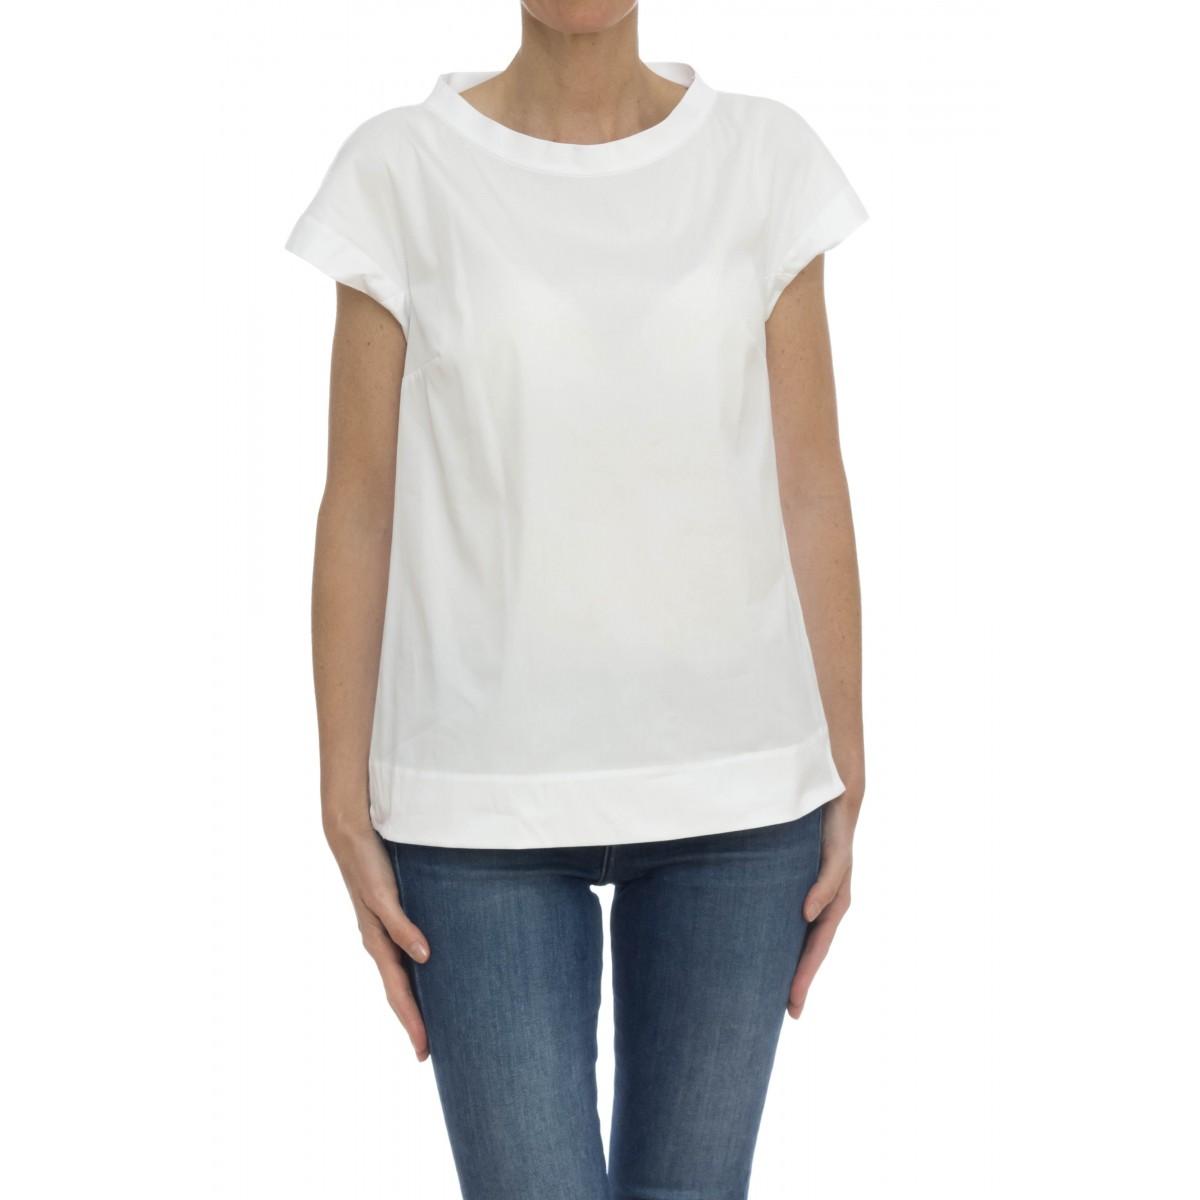 Camicia donna - Rnr d43